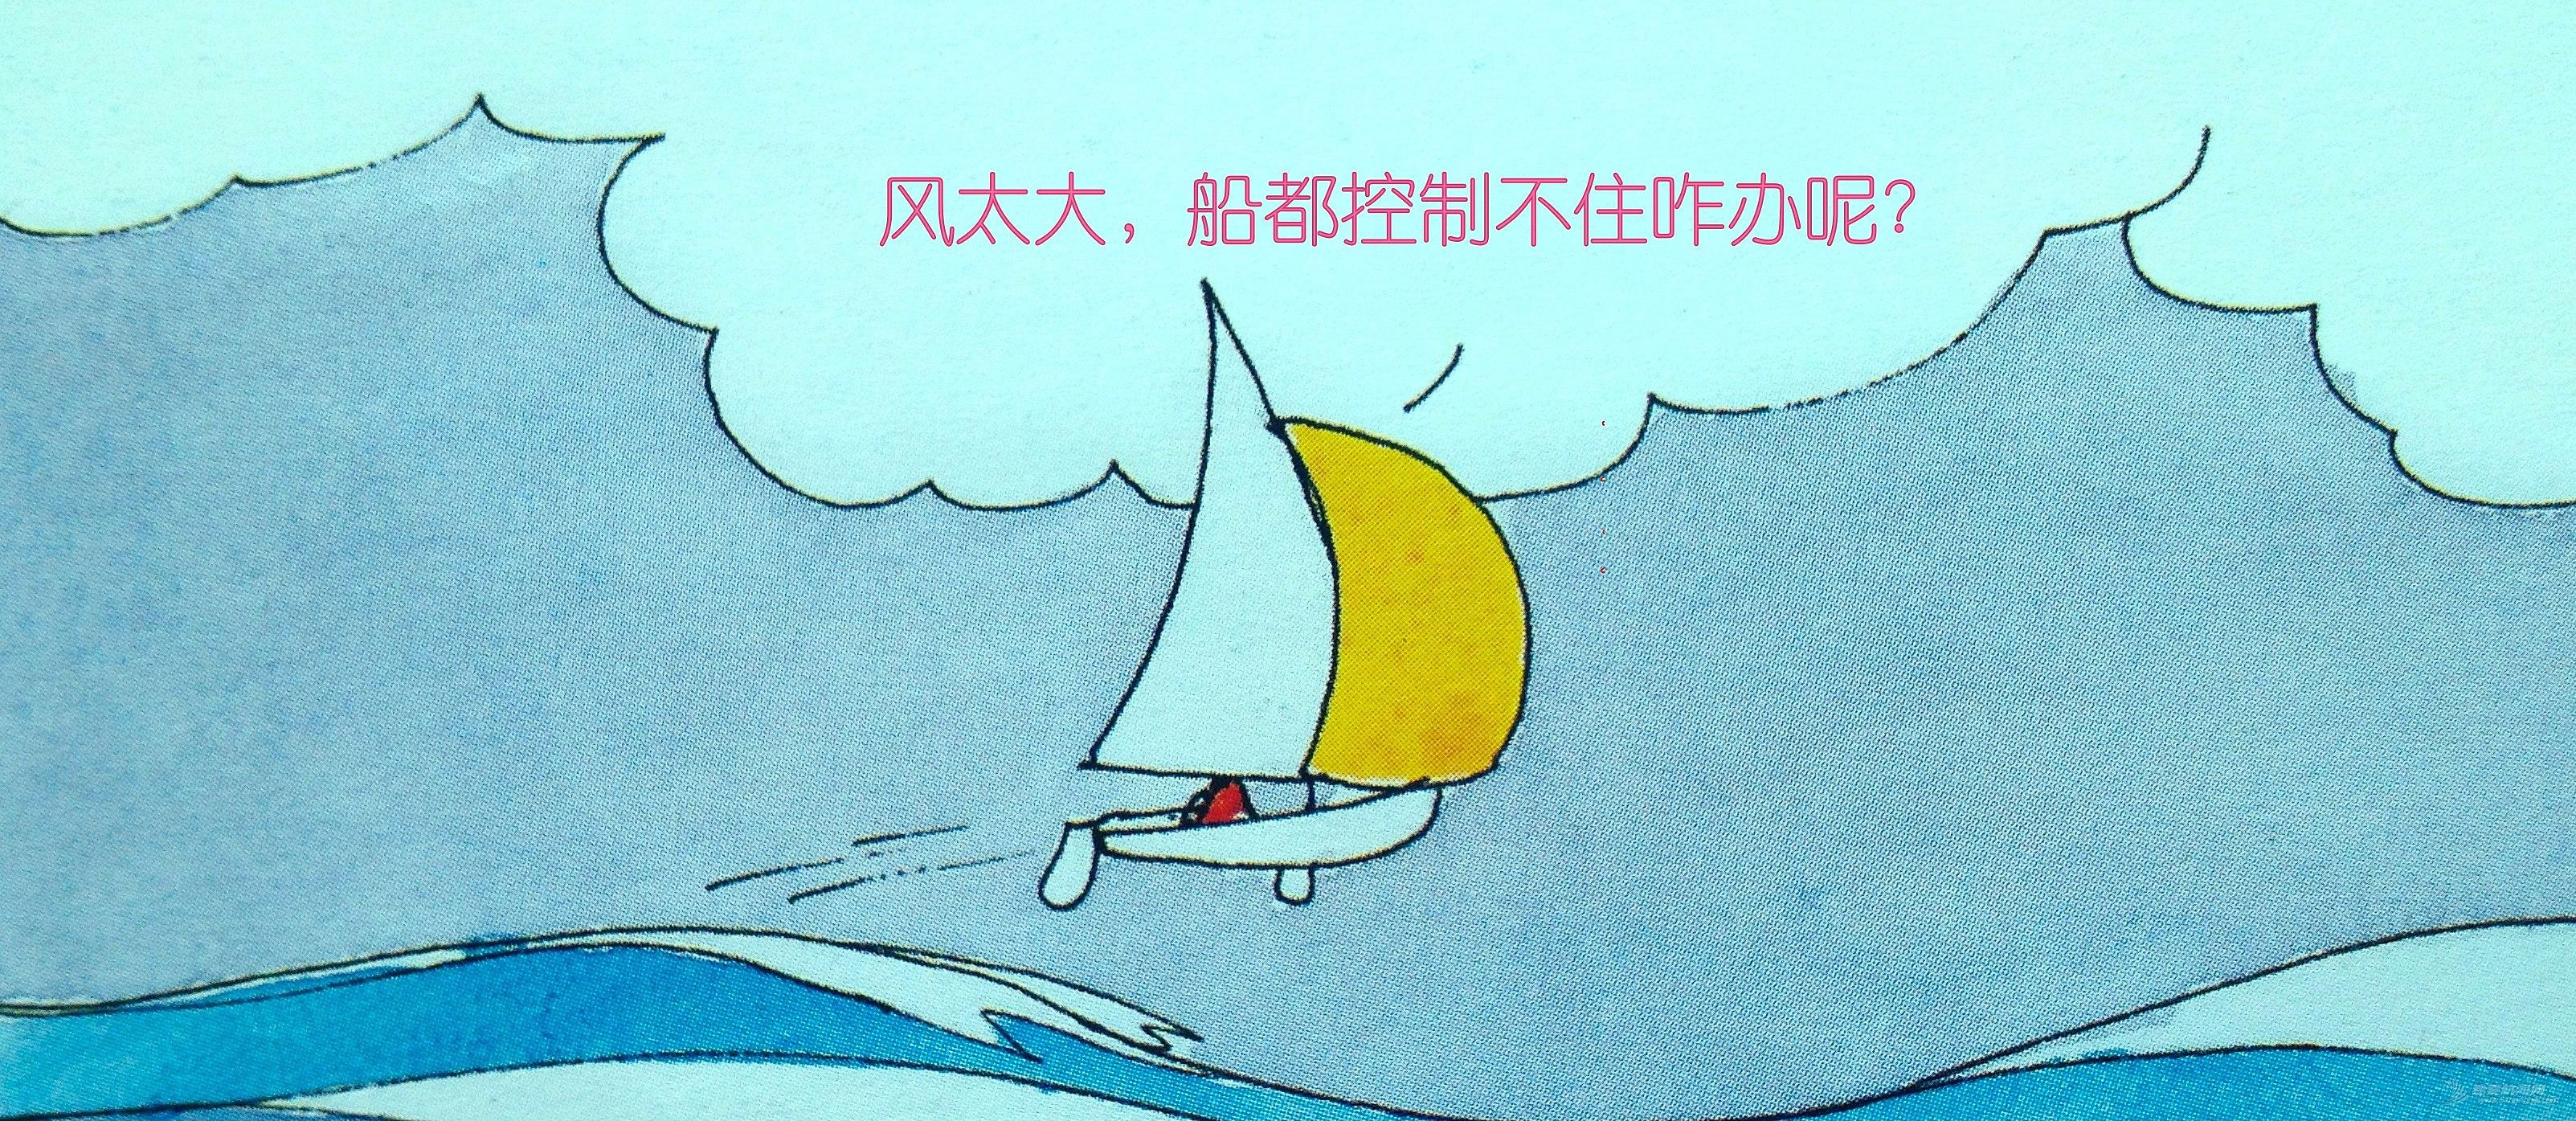 帆船 若在海上突然起风,则可以通过先抛锚固定船只后,再停稳顶风进行缩帆。